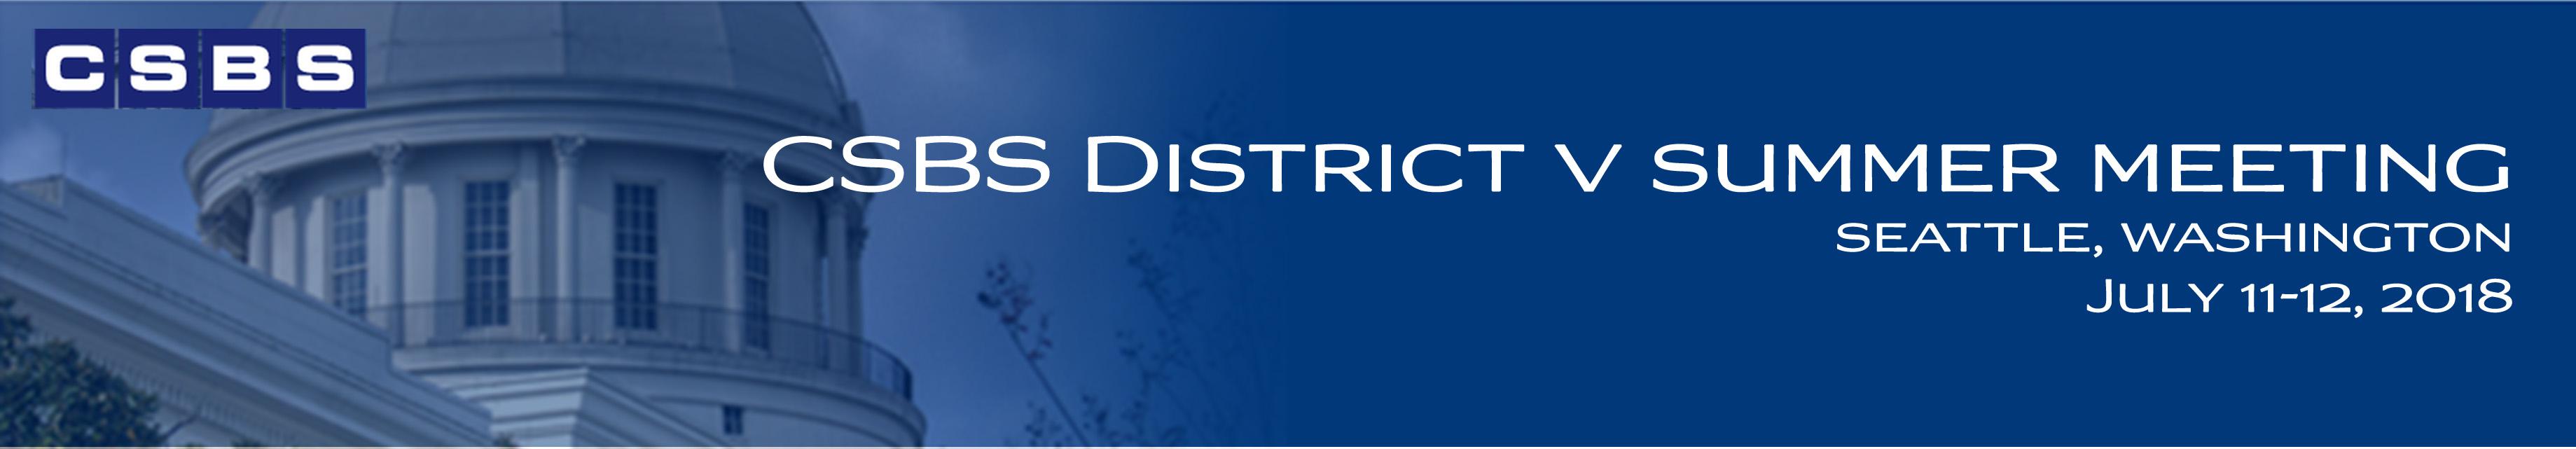 2018 CSBS District V Summer Meeting